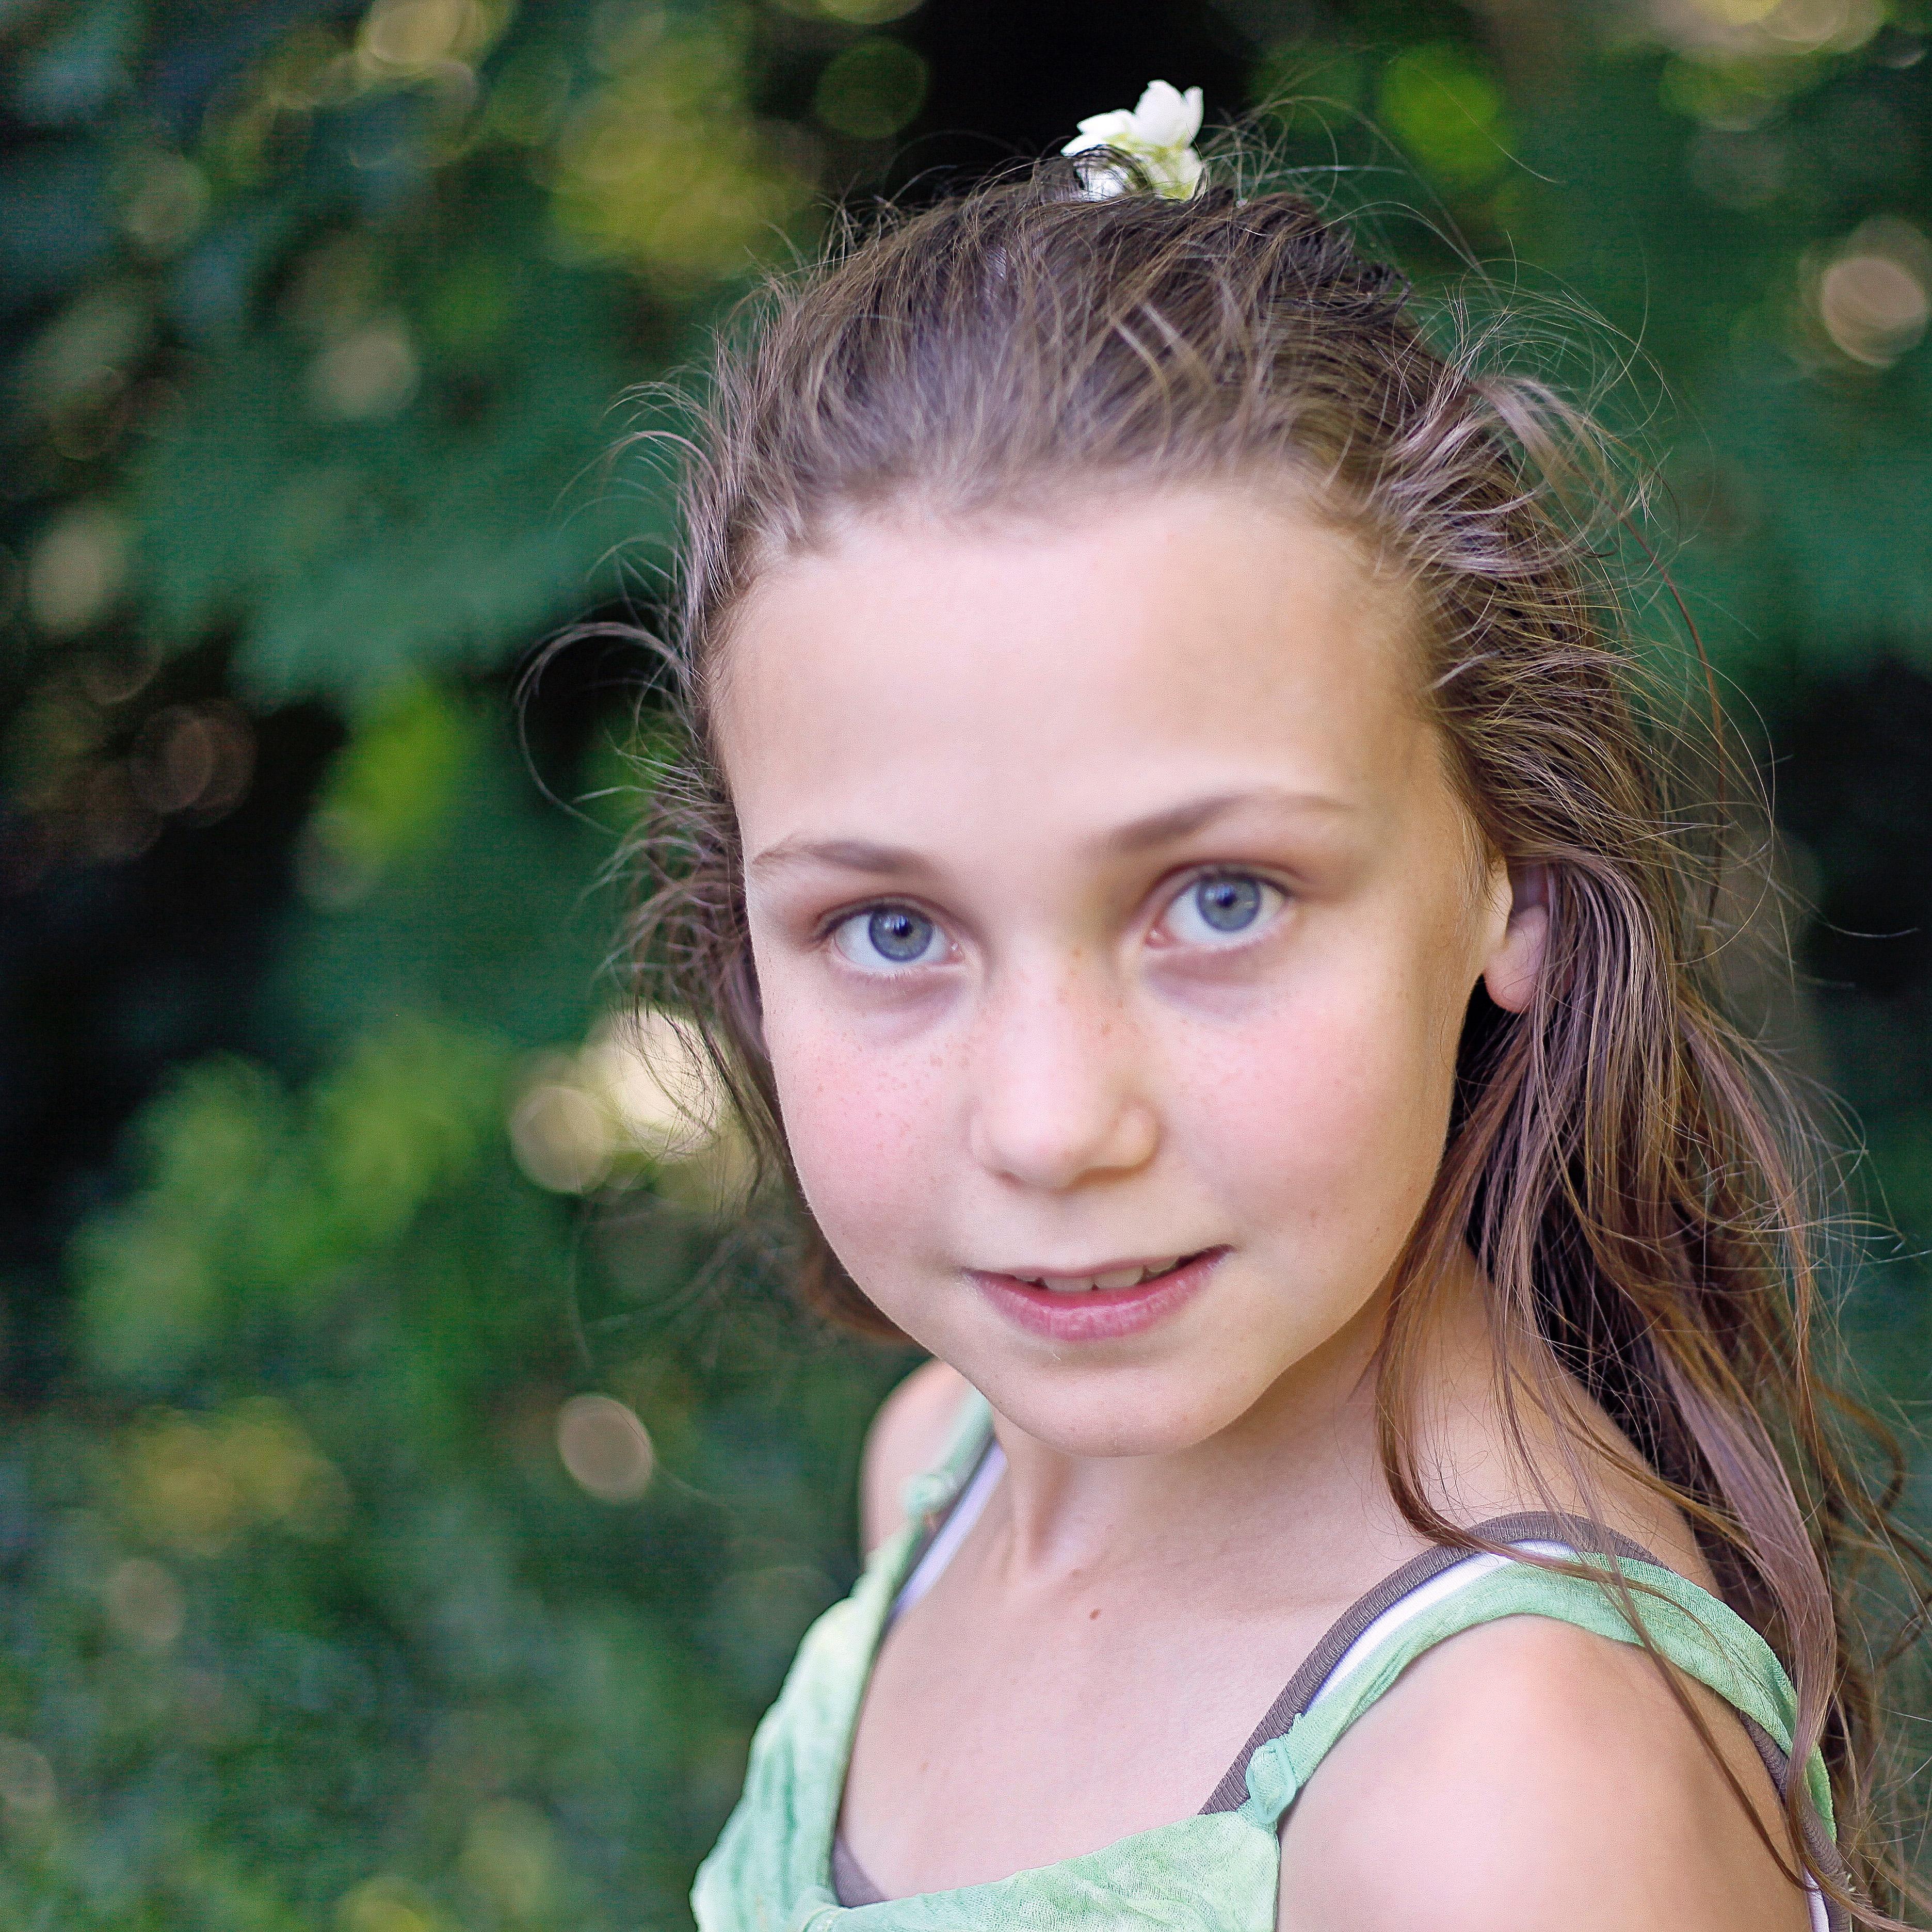 Hübsche 12 Jährige Mädchen